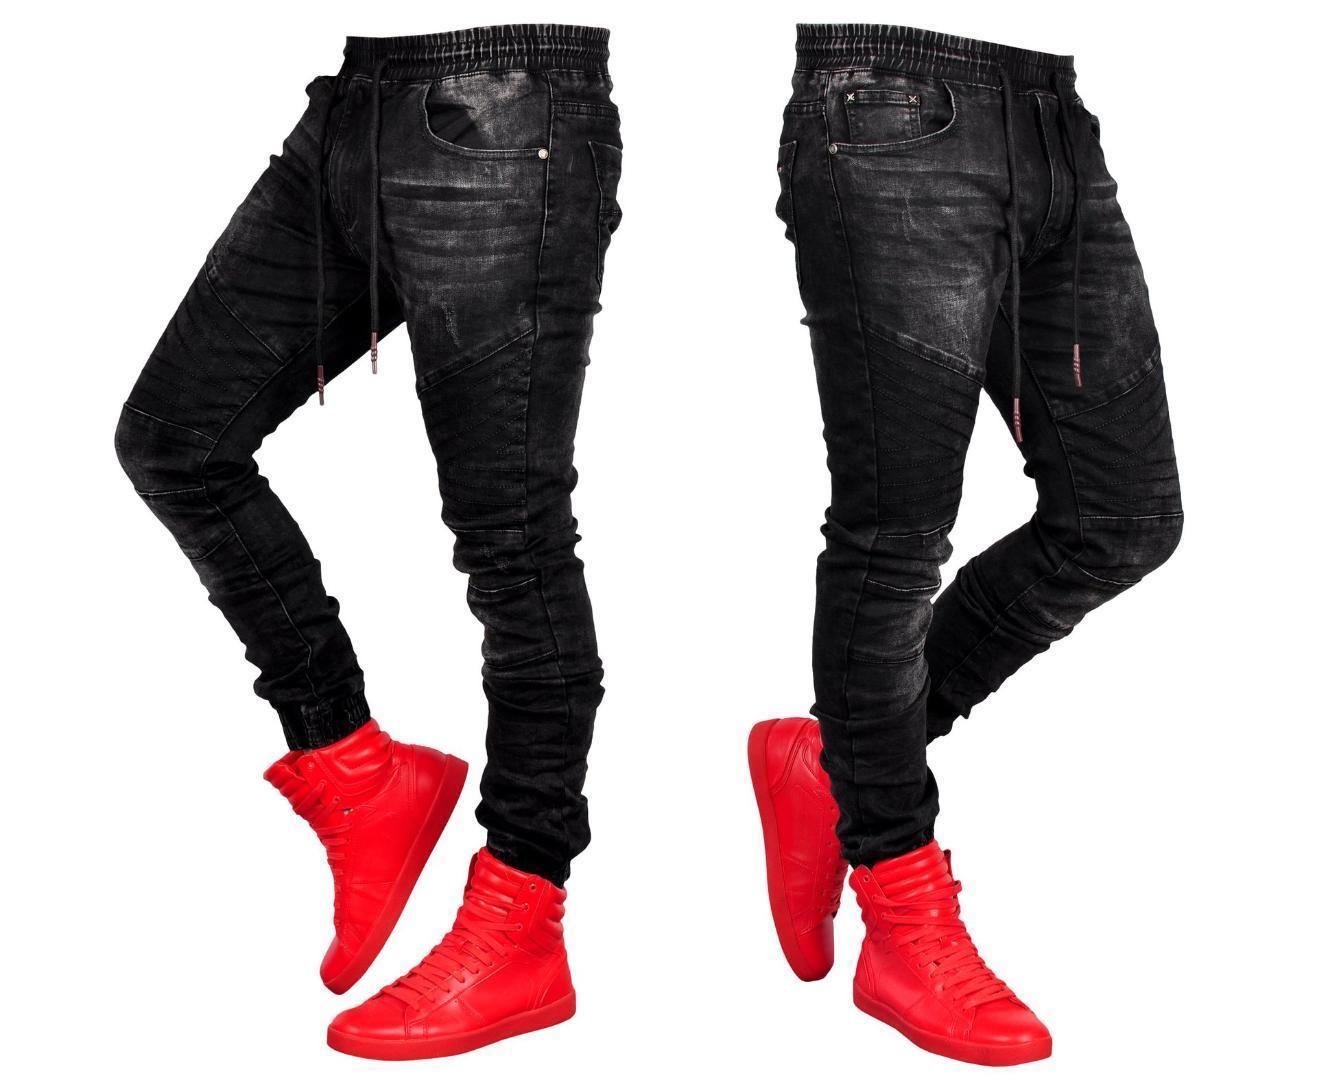 Compre Corredores Jeans Pant Simwood 2019 Pantalon De Mezclilla Hombre Nuevo Hombres Vaquero Hombre Del Basculador De Moda Elastico Negro De La Cintura De Los Pantalones Vaqueros De Los Hombres A 19 52